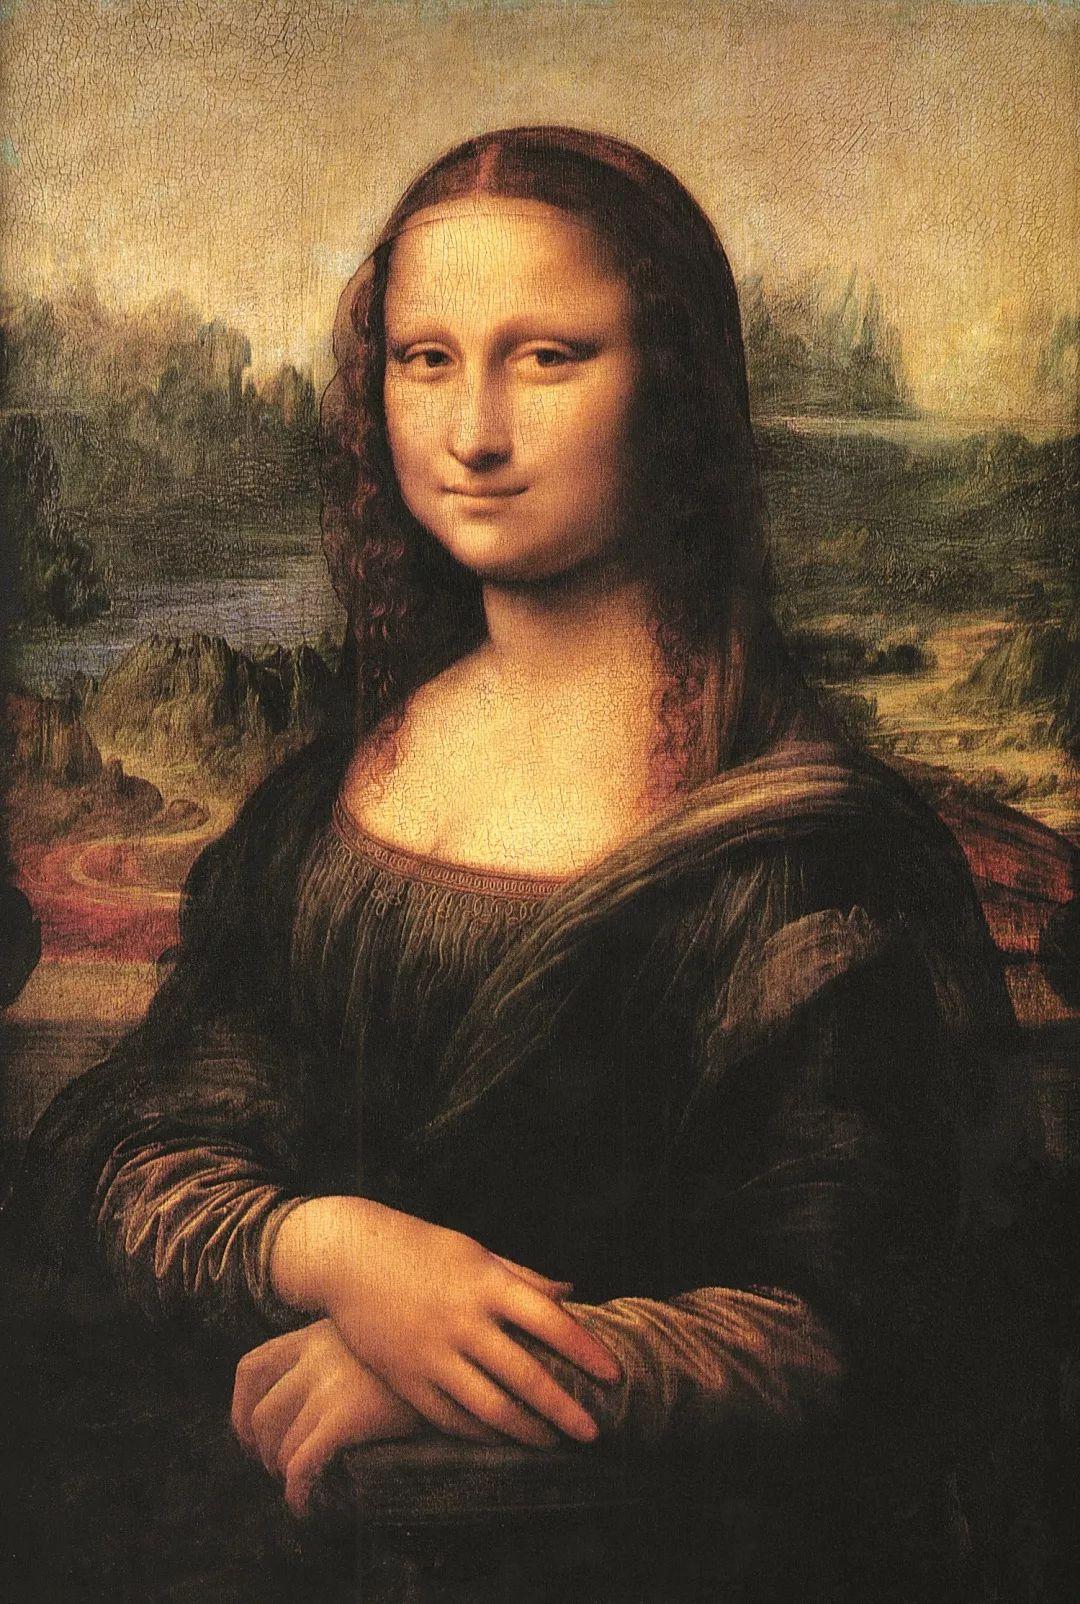 在解密《蒙娜丽莎》的微笑前,我们不妨先八卦一下蒙娜丽莎到底有没有眉毛?